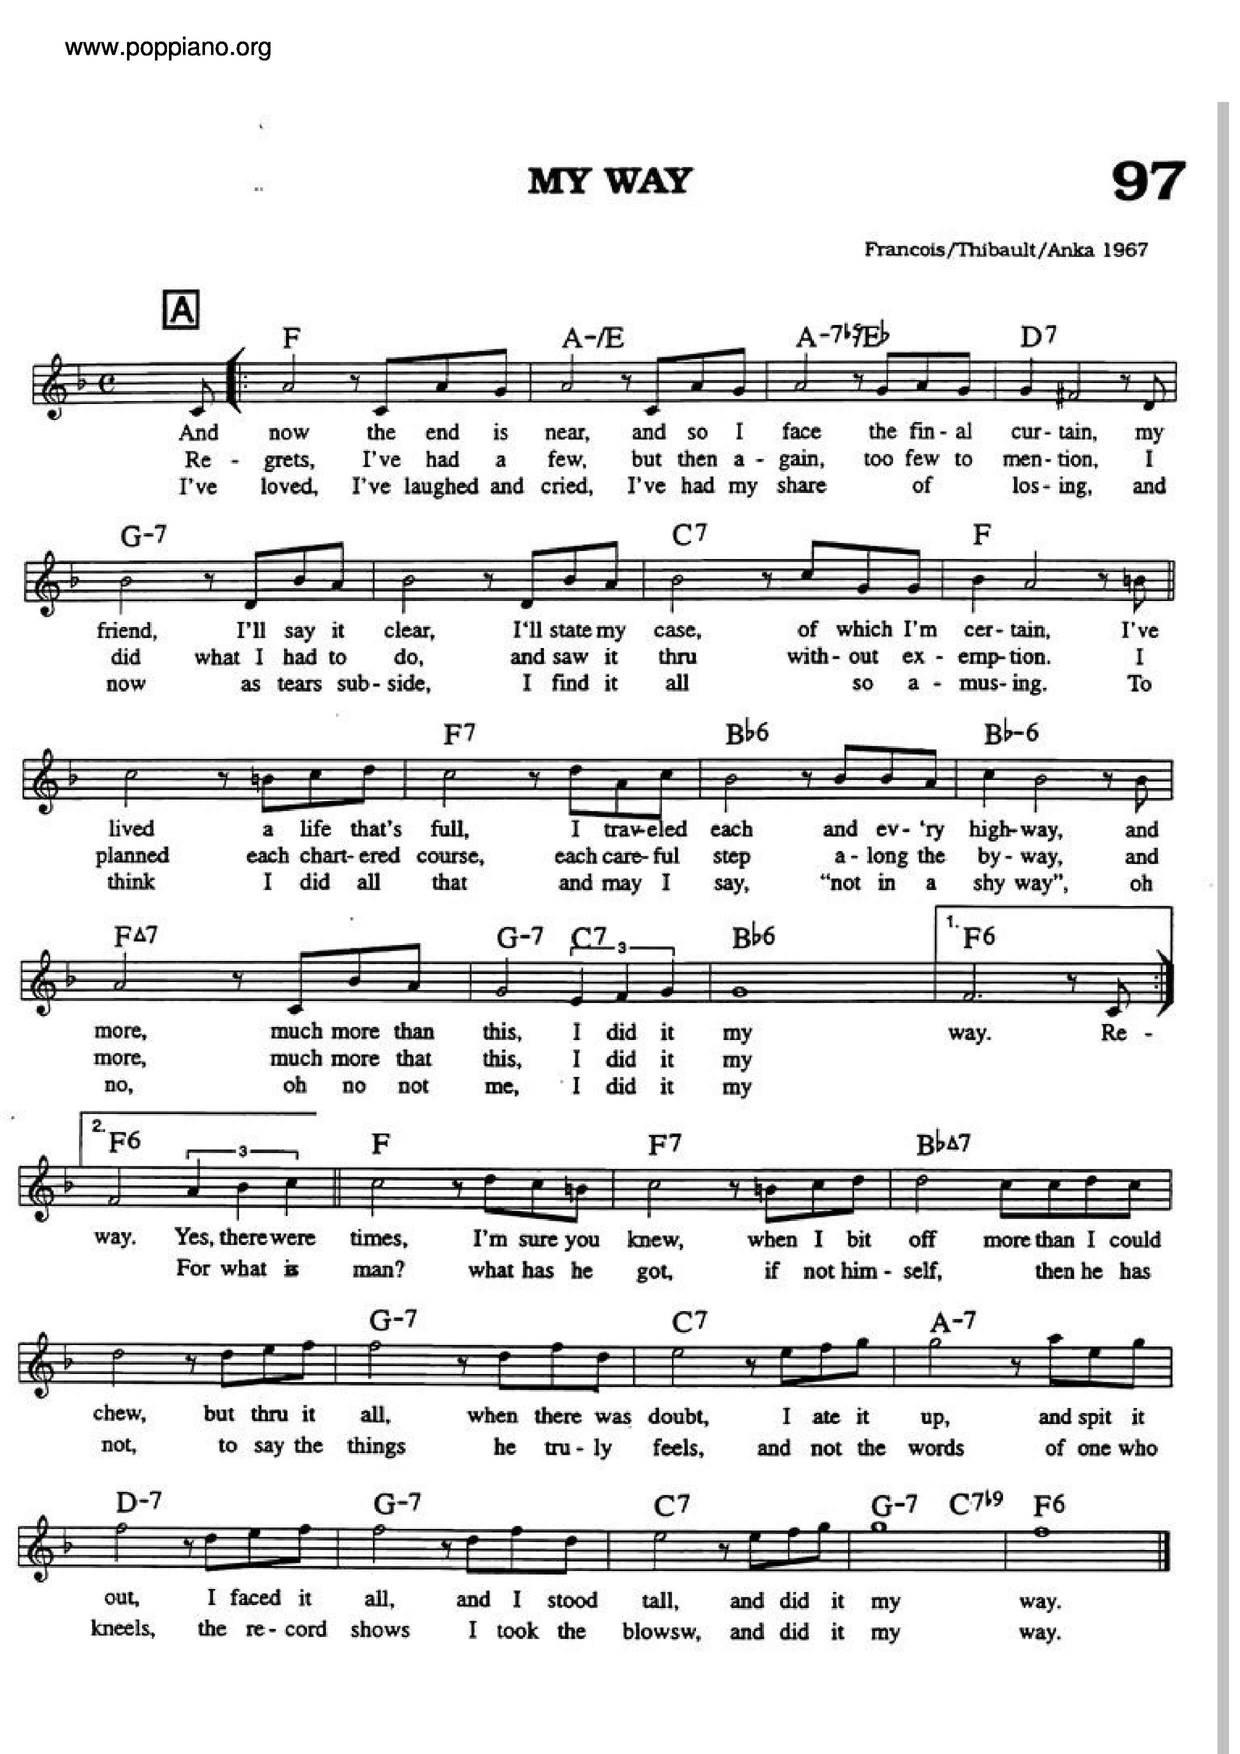 My Wayall Versions Sheet Music Piano Score Free Pdf Download Hk Pop Piano Academy